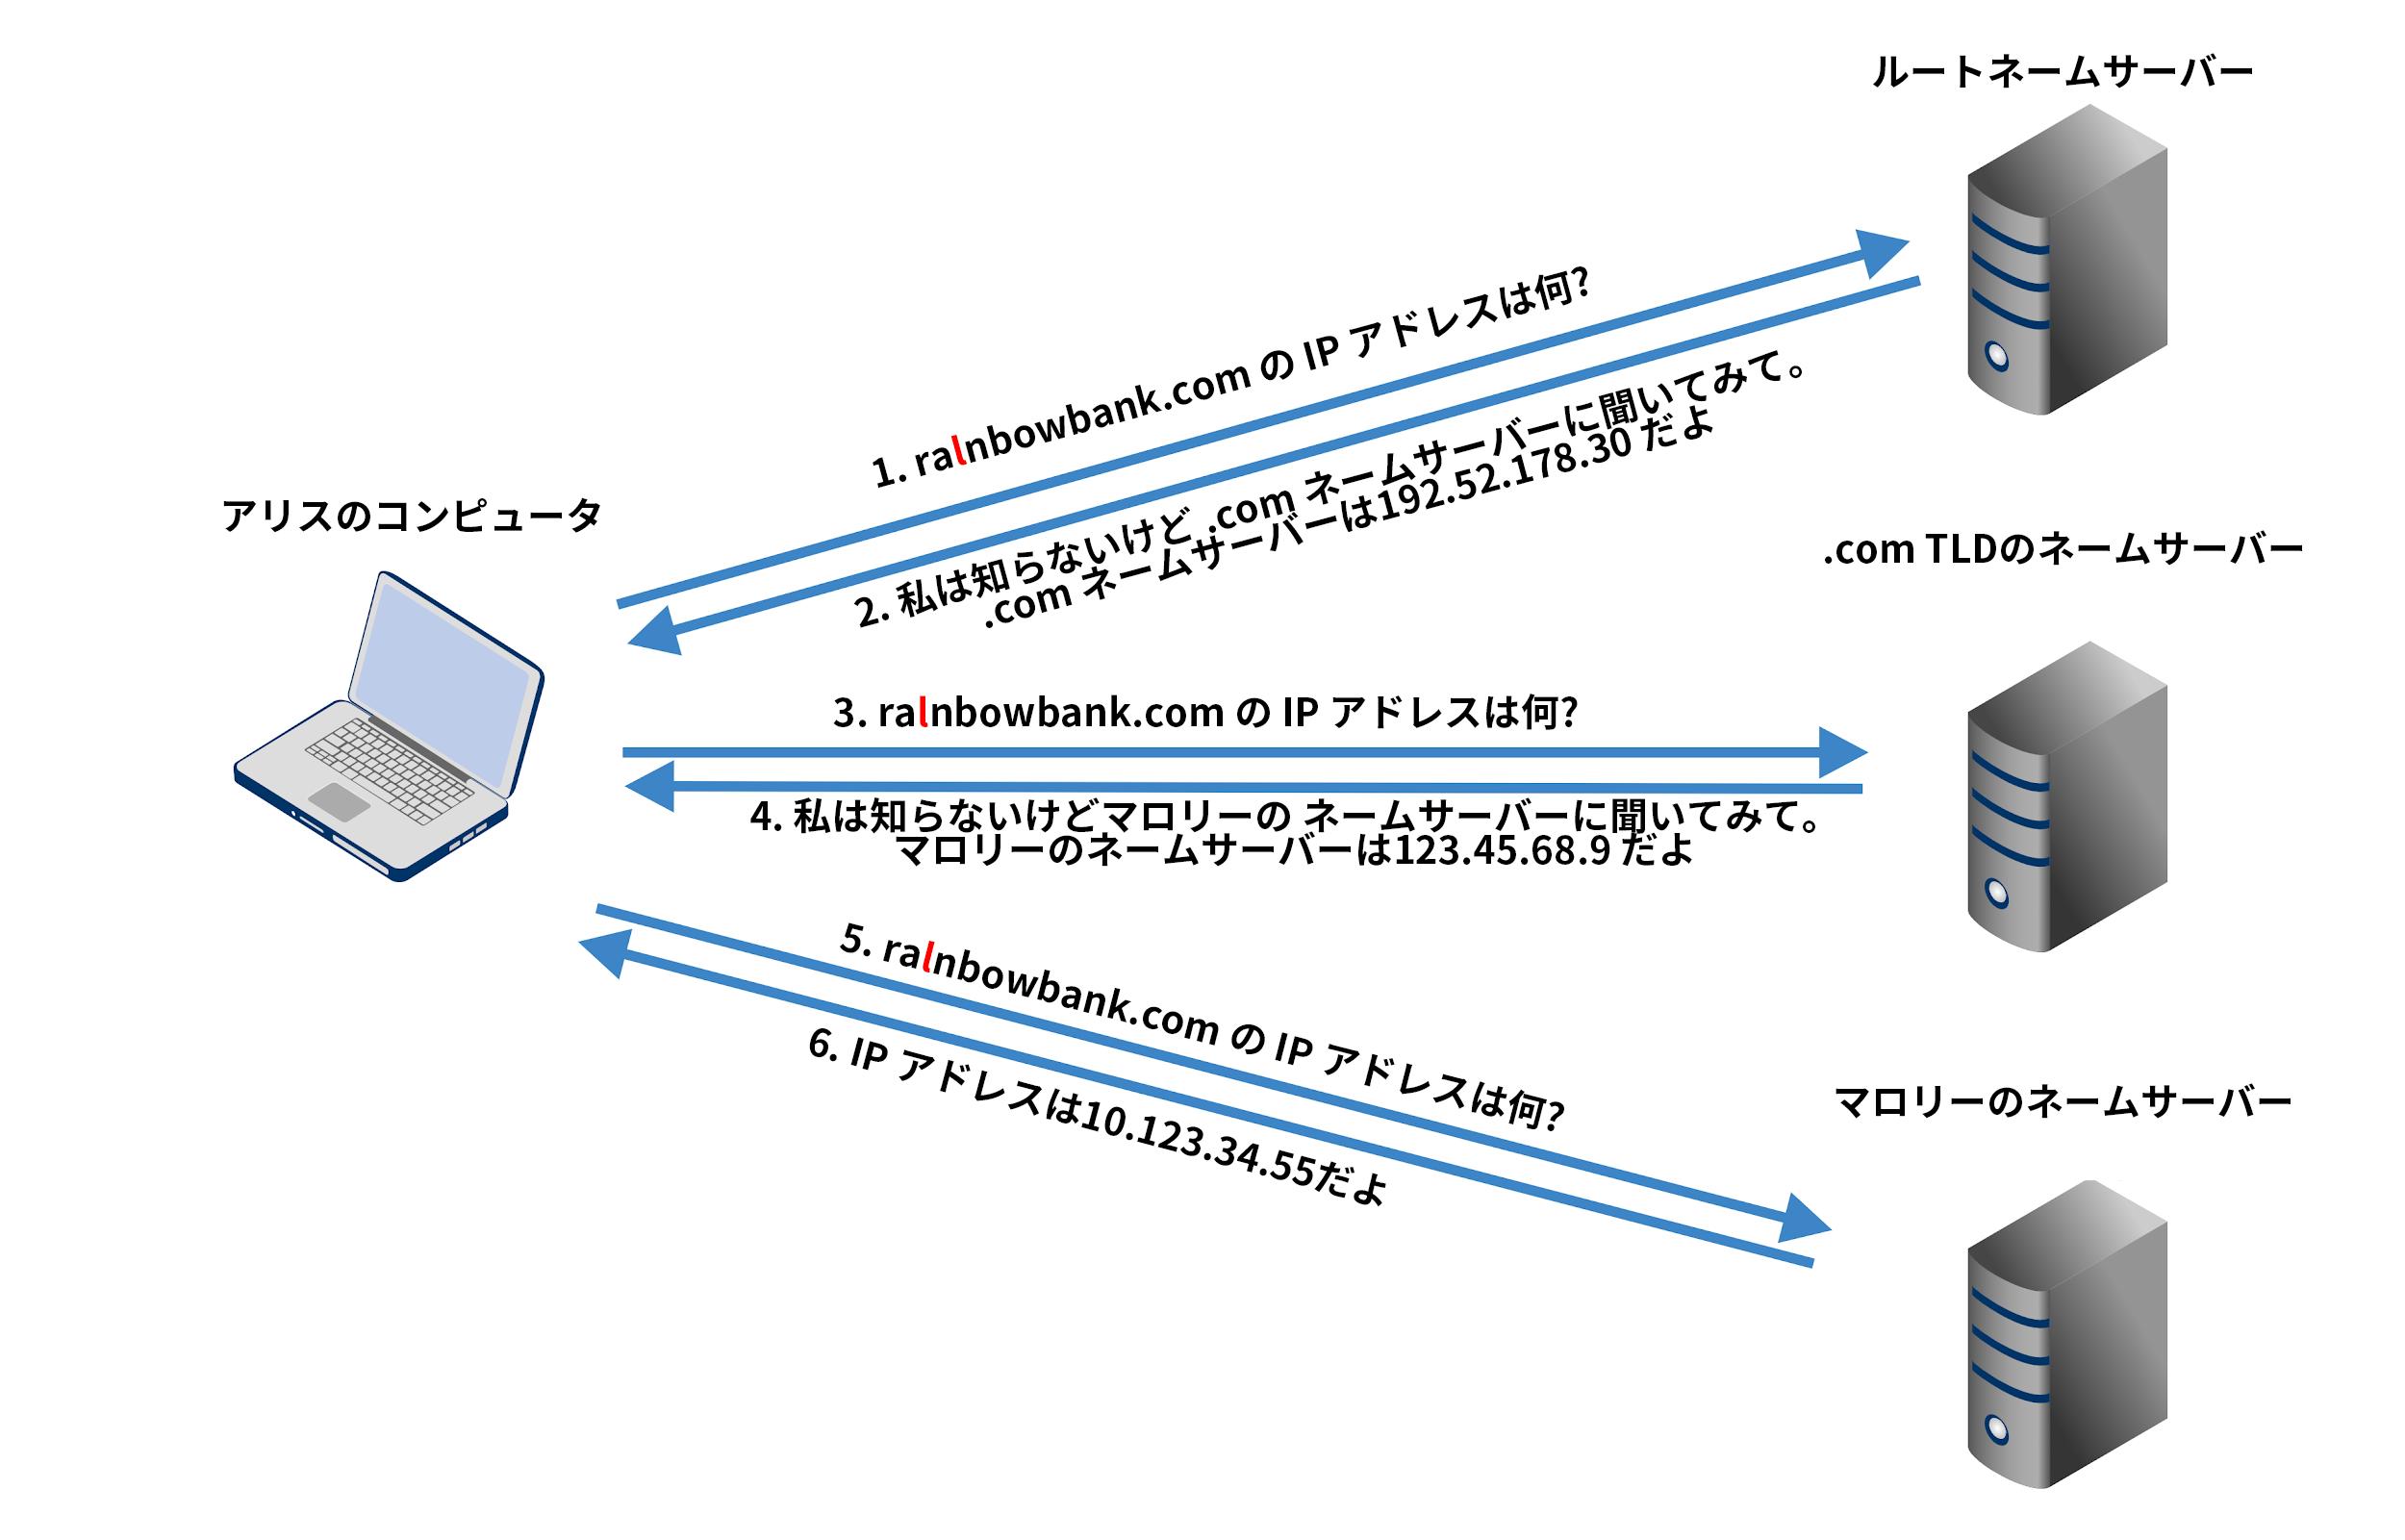 DNS解決の仕組みの例: 1)ユーザーのコンピュータからルートネームサーバーへのドメイン名のIPアドレスのリクエスト。 2)レスポンス: 私にはわかりませんが、[IPアドレス]の.comネームサーバーに問い合わせてください。 3)ユーザーのコンピュータから.com TLDのネームサーバーへのドメイン名のIPアドレスのリクエスト。 4)レスポンス: 私にはわかりませんが、[IPアドレス]にあるマロリーのネームサーバーに問い合わせてください。 5)ユーザーのコンピュータからマロリーのネームサーバーへのドメイン名のIPアドレスのリクエスト。 6)レスポンス: IPアドレスは[RESPONSE]です